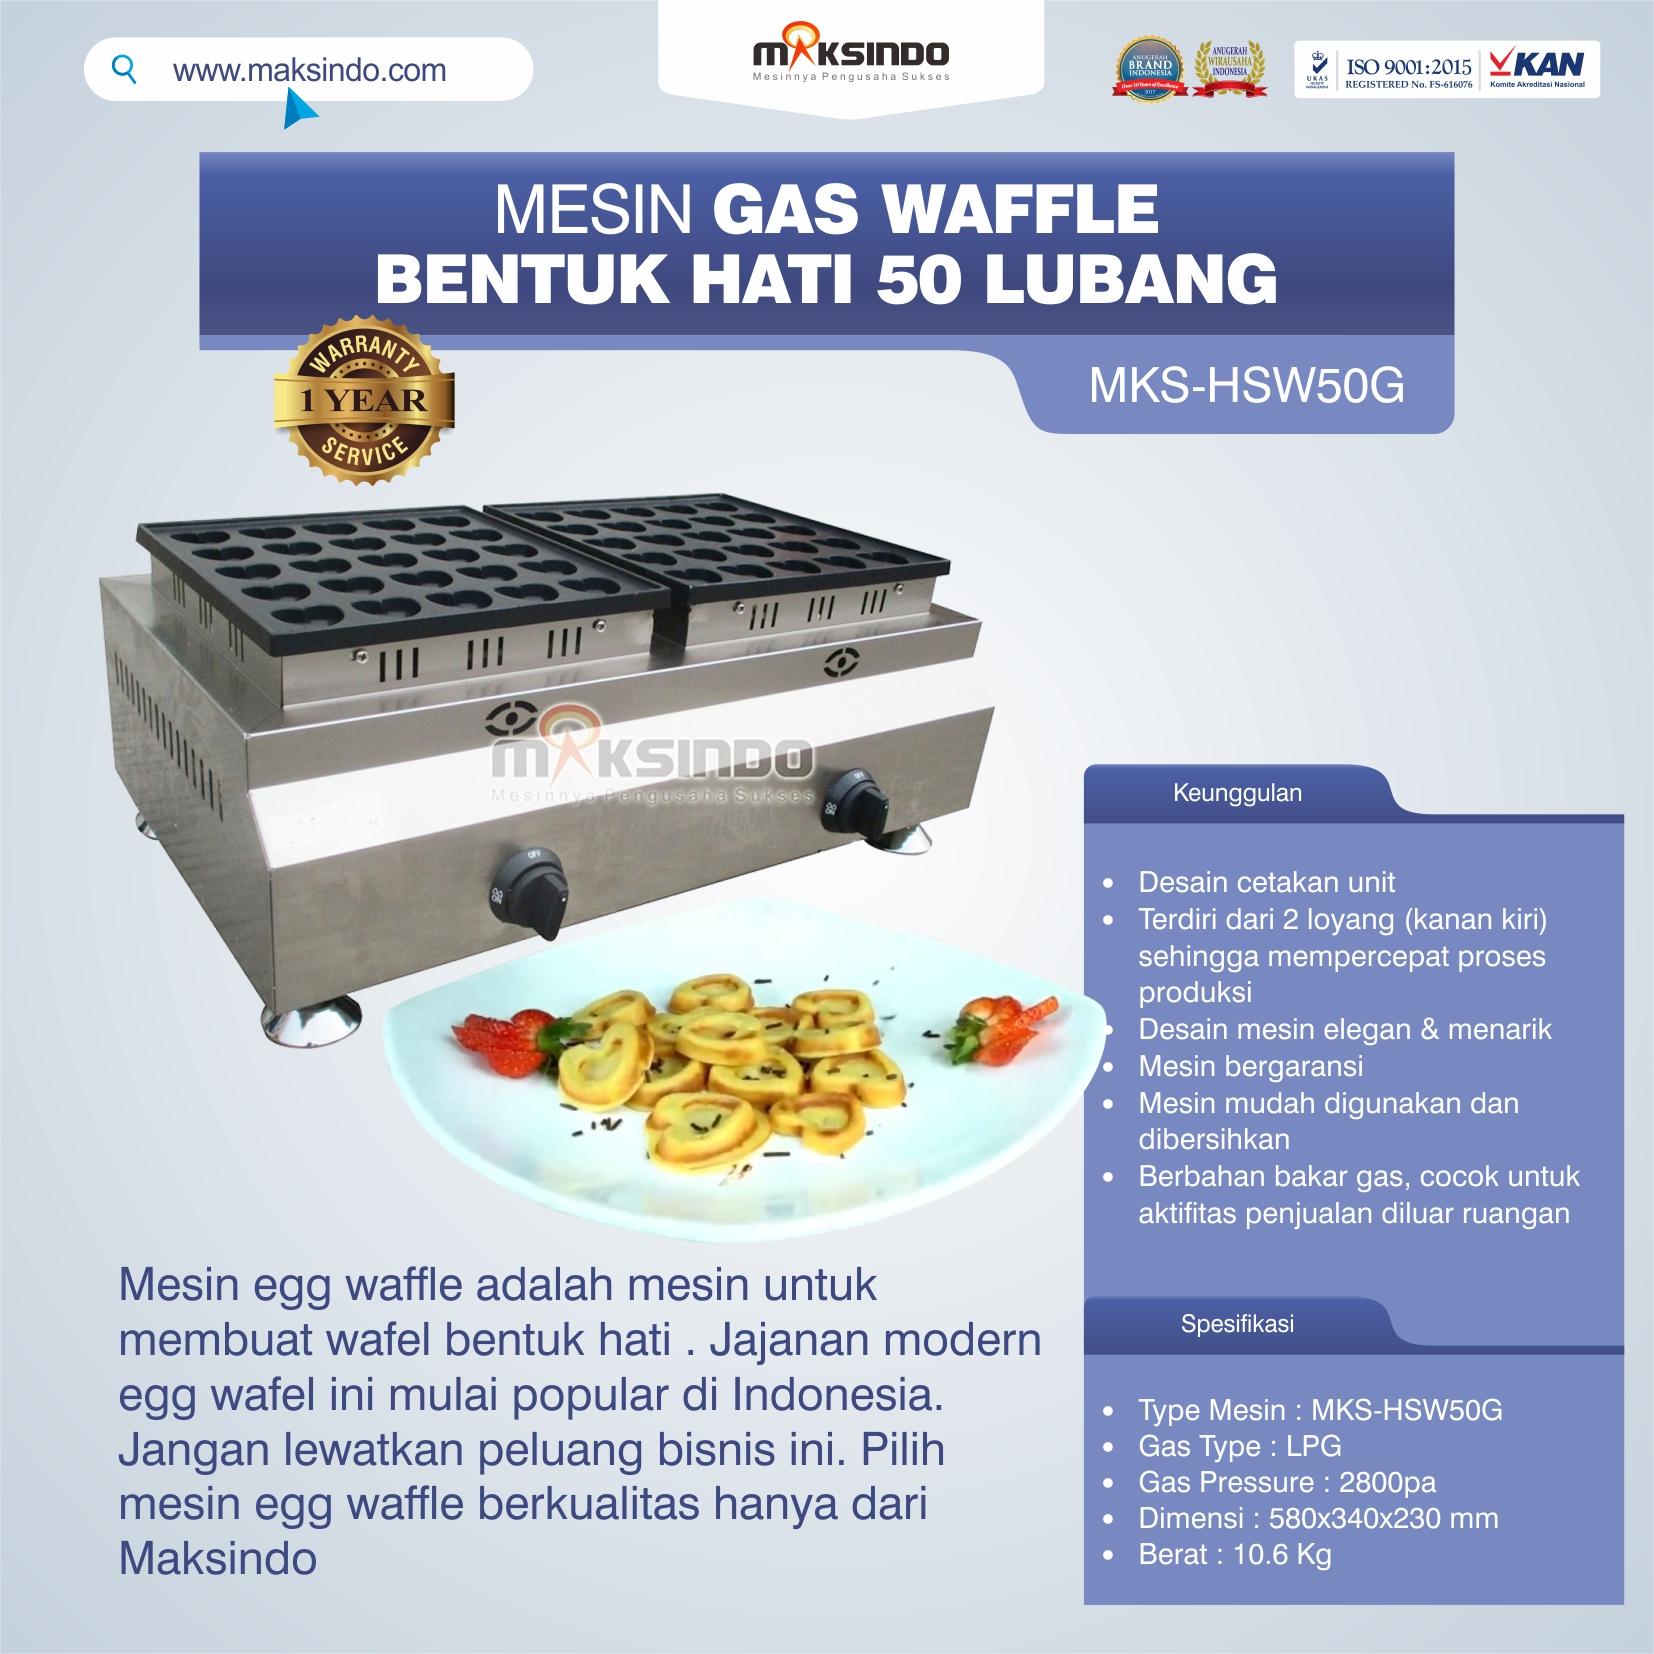 Jual Mesin Waffle Gas Bentuk Hati 50 Lubang MKS-HSW50G di Solo